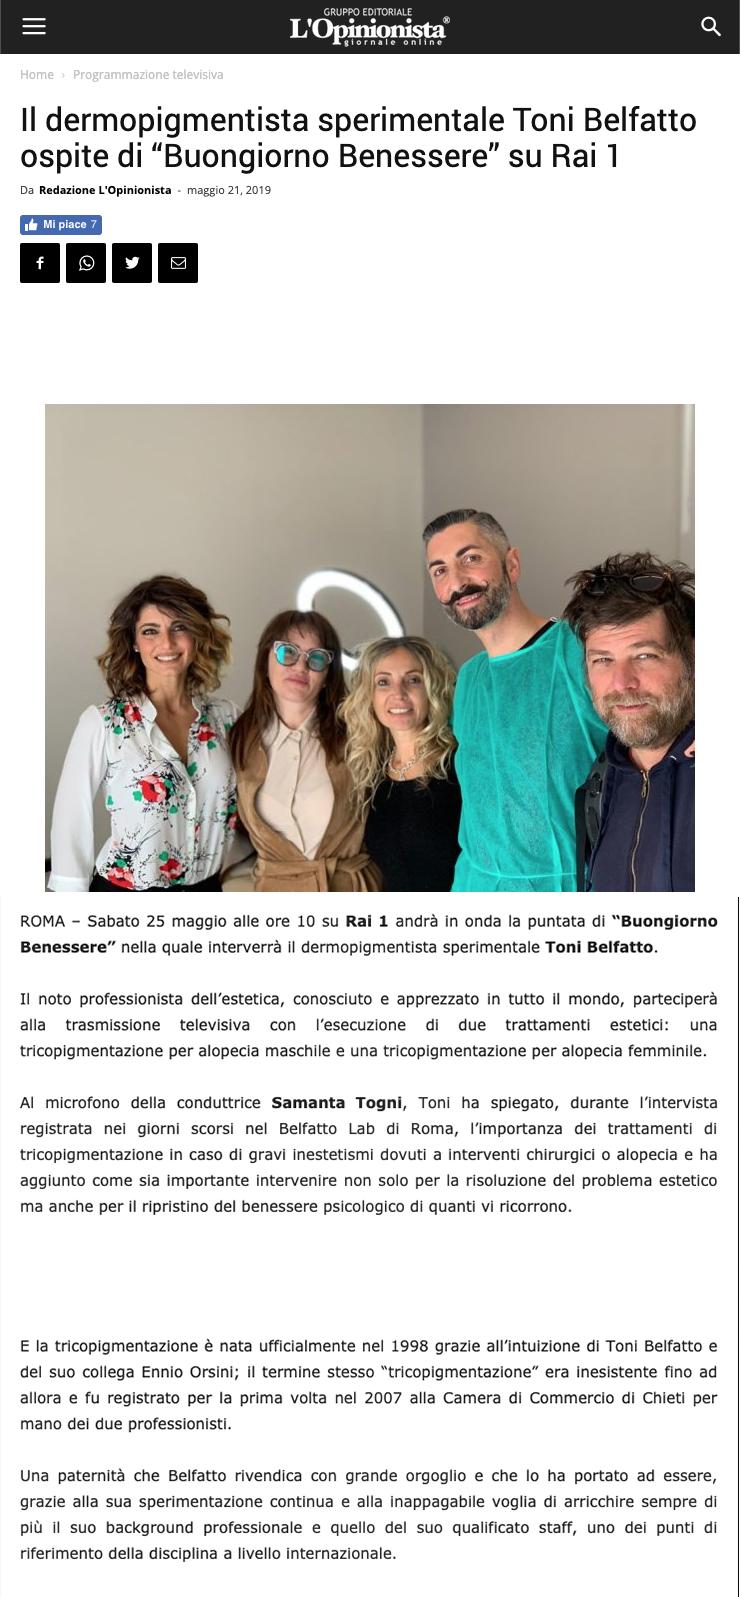 """Lopinionista 21 maggio 2019 - Il dermopigmentista sperimentale Toni Belfatto ospite di """" Buongiorno Benessere"""" su Rai 1"""